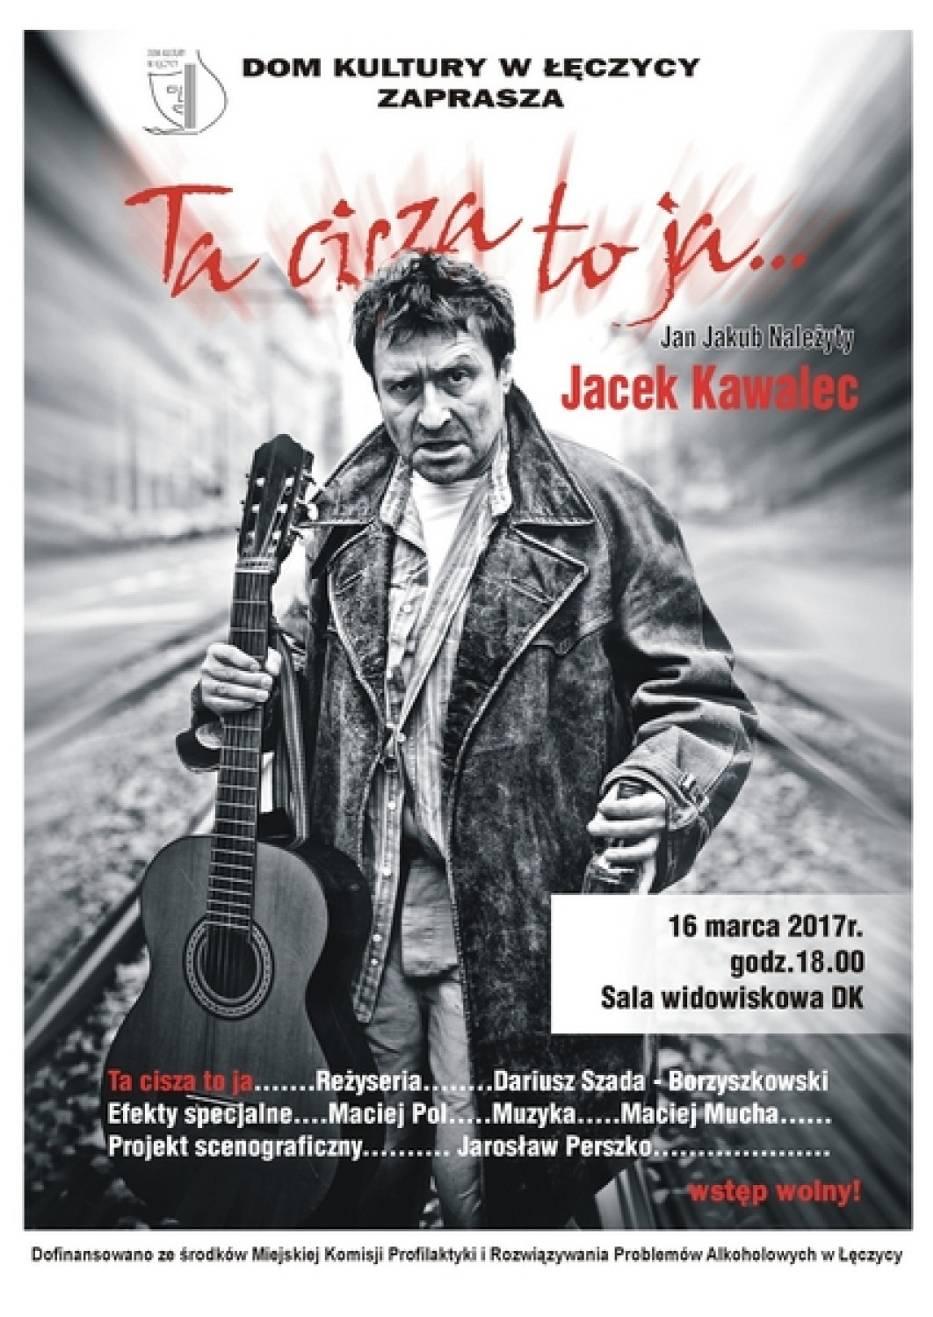 Monodram Jacka Kawalca 16 marca w Domu Kultury w Łęczycy